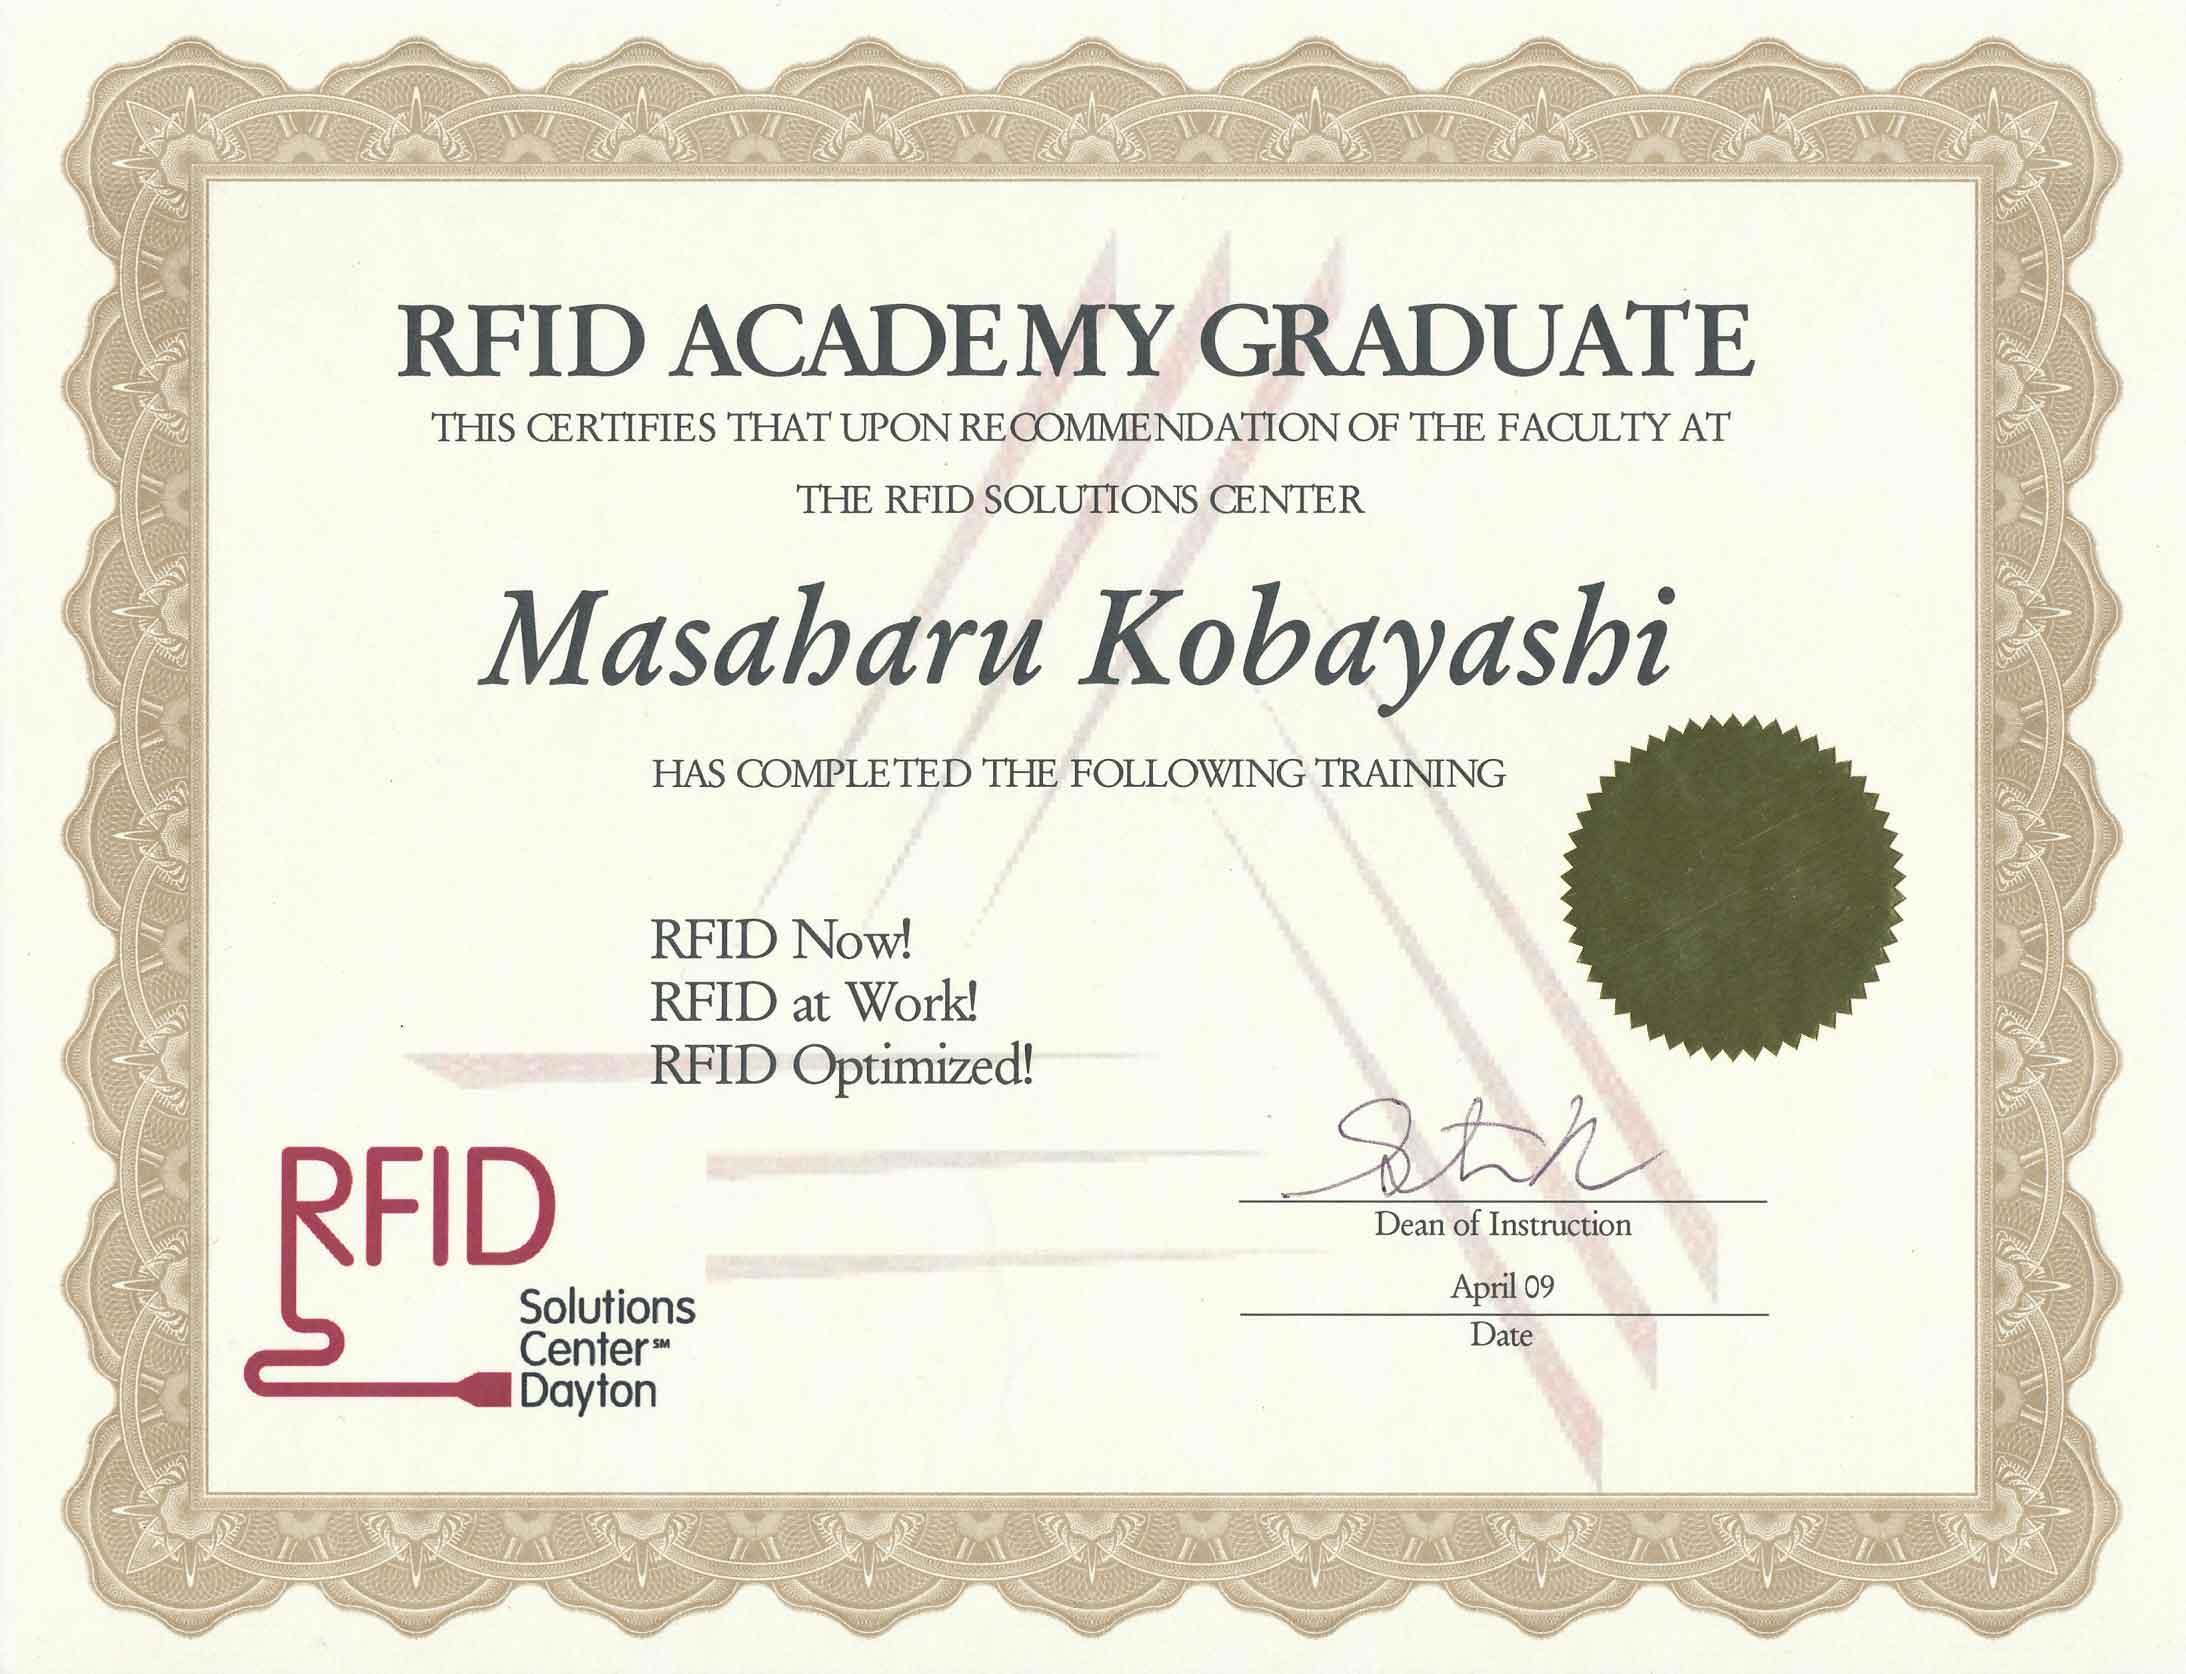 Certificate Programs Online Unc Certificate Programs Online